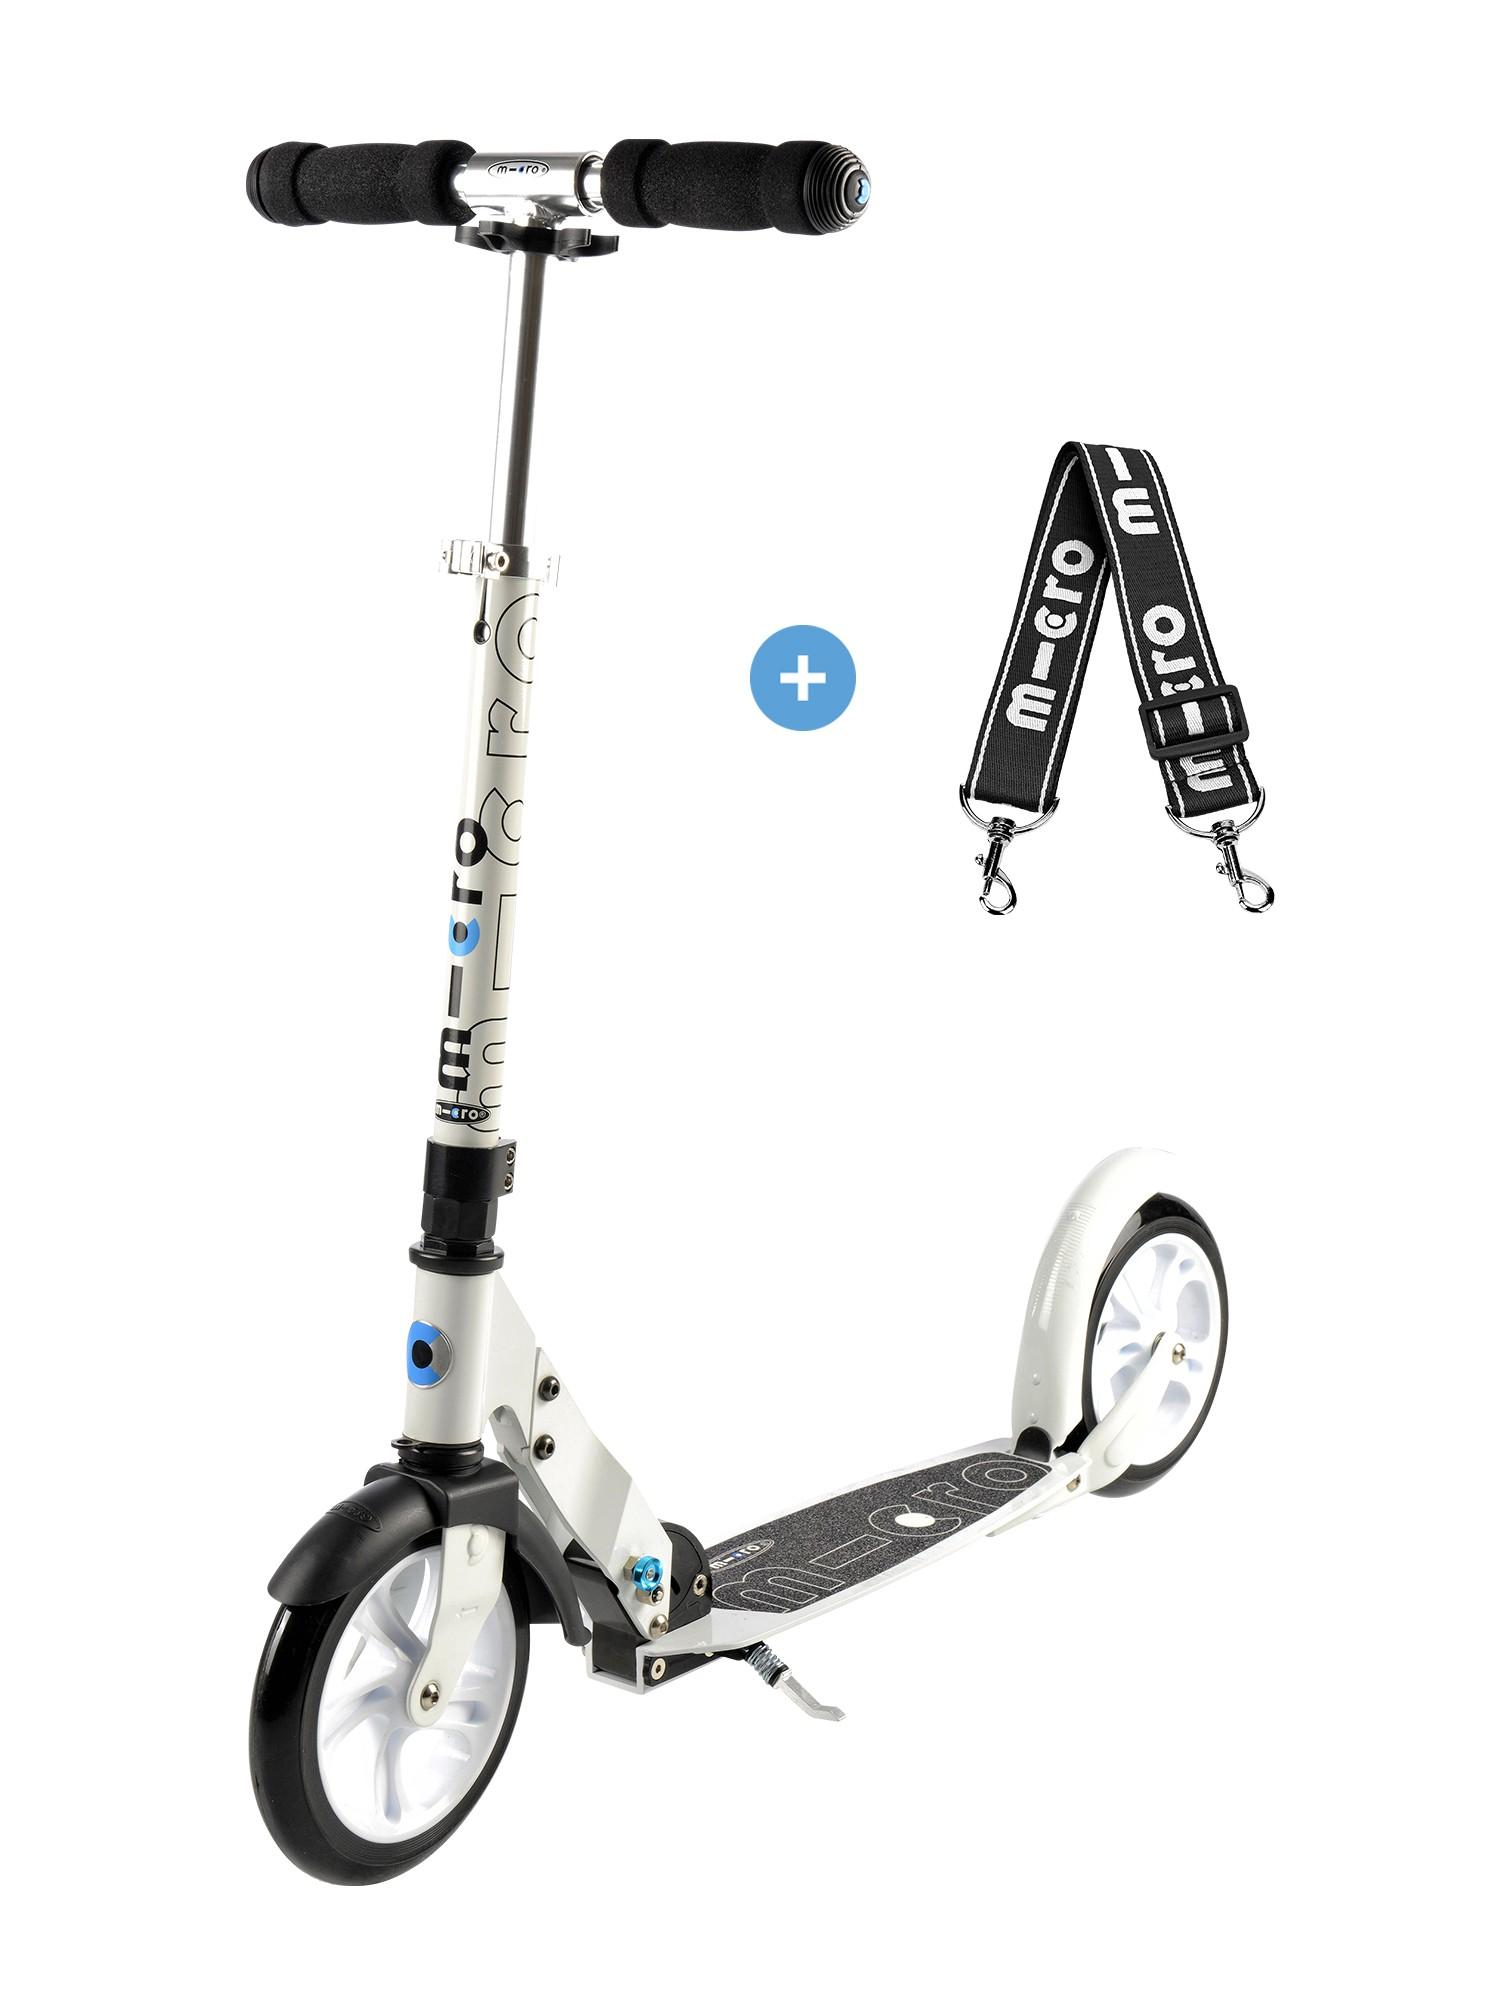 trottinette micro White adulte urbaine roue de 200mm rapide et stable